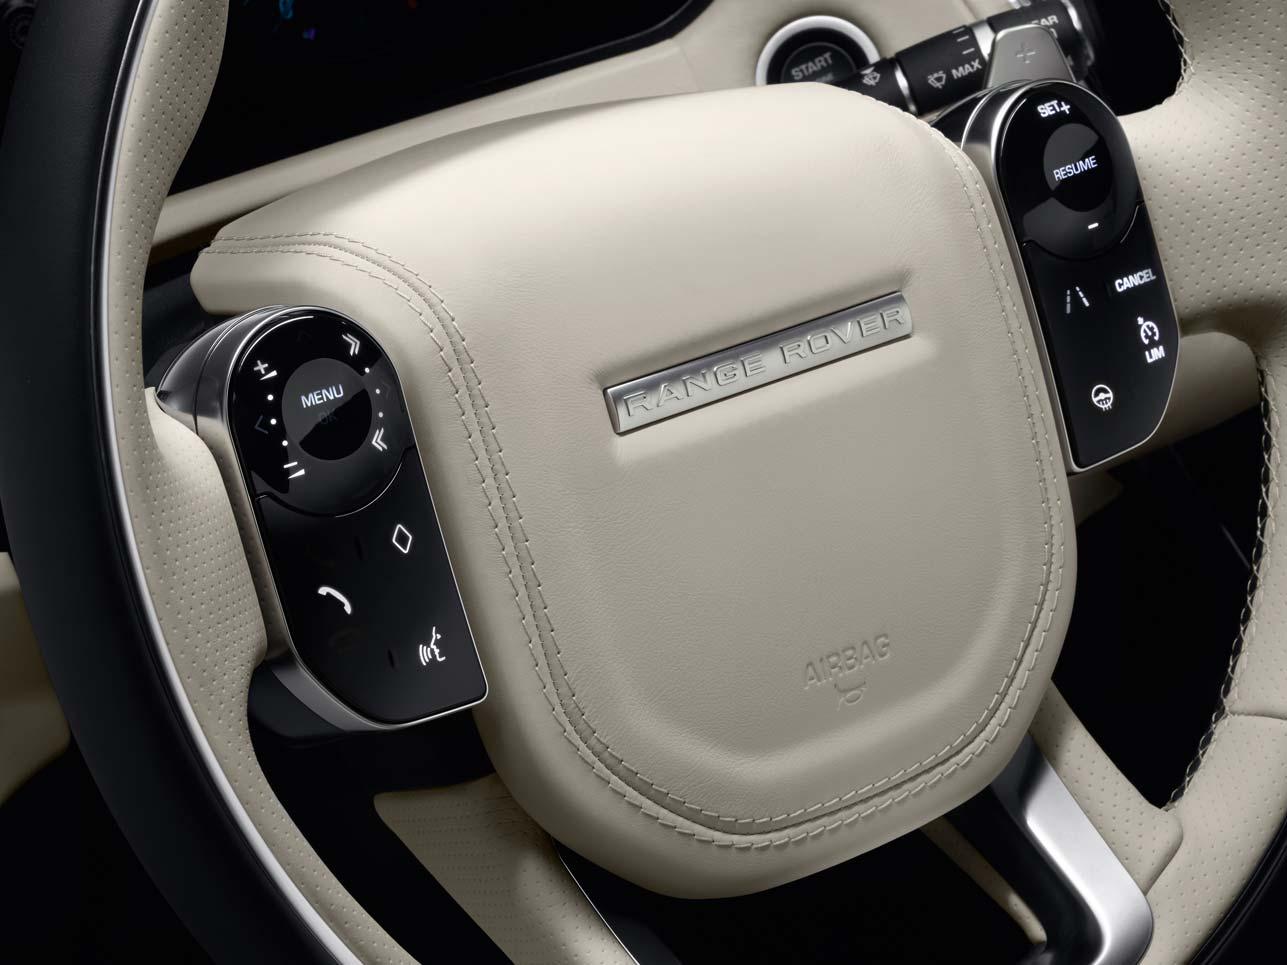 Die versteckten Bedienelemente am Lenkrad, die erst bei Aktivierung einer Funktion sichtbar werden, sorgen für eine geradlinige Optik im Innenraum.